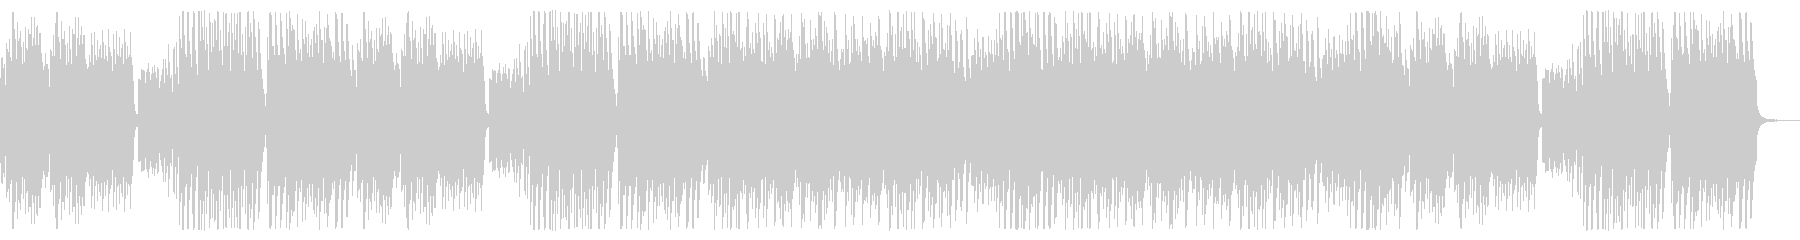 【ピアノ】 メイプルリーフラグ_カバーの未再生の波形